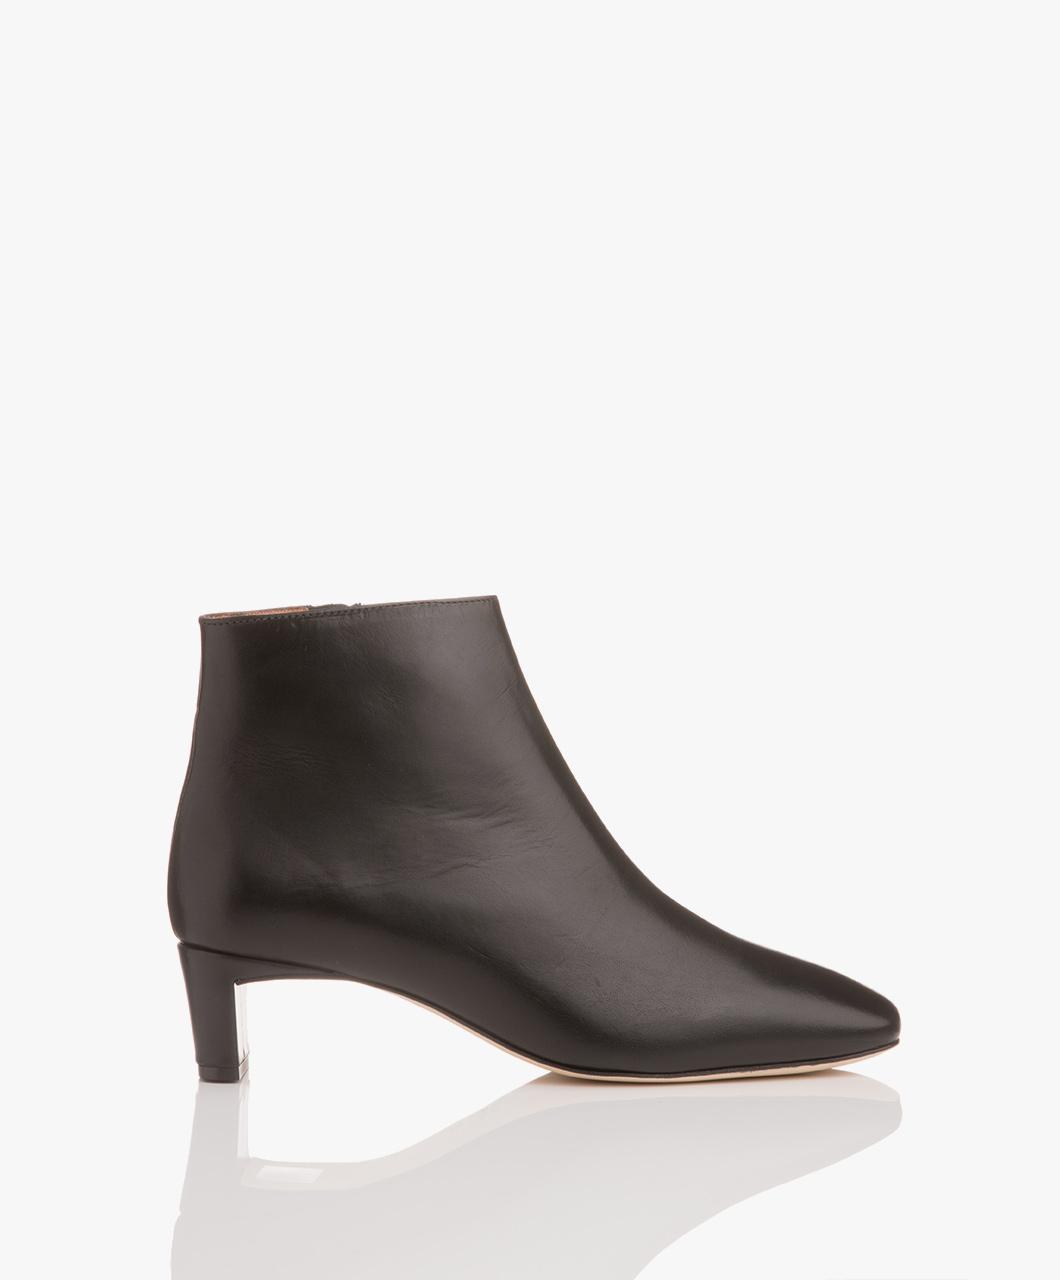 Immagine di ATP Atelier Boots Black Vacchetta Clusia Leather Ankle